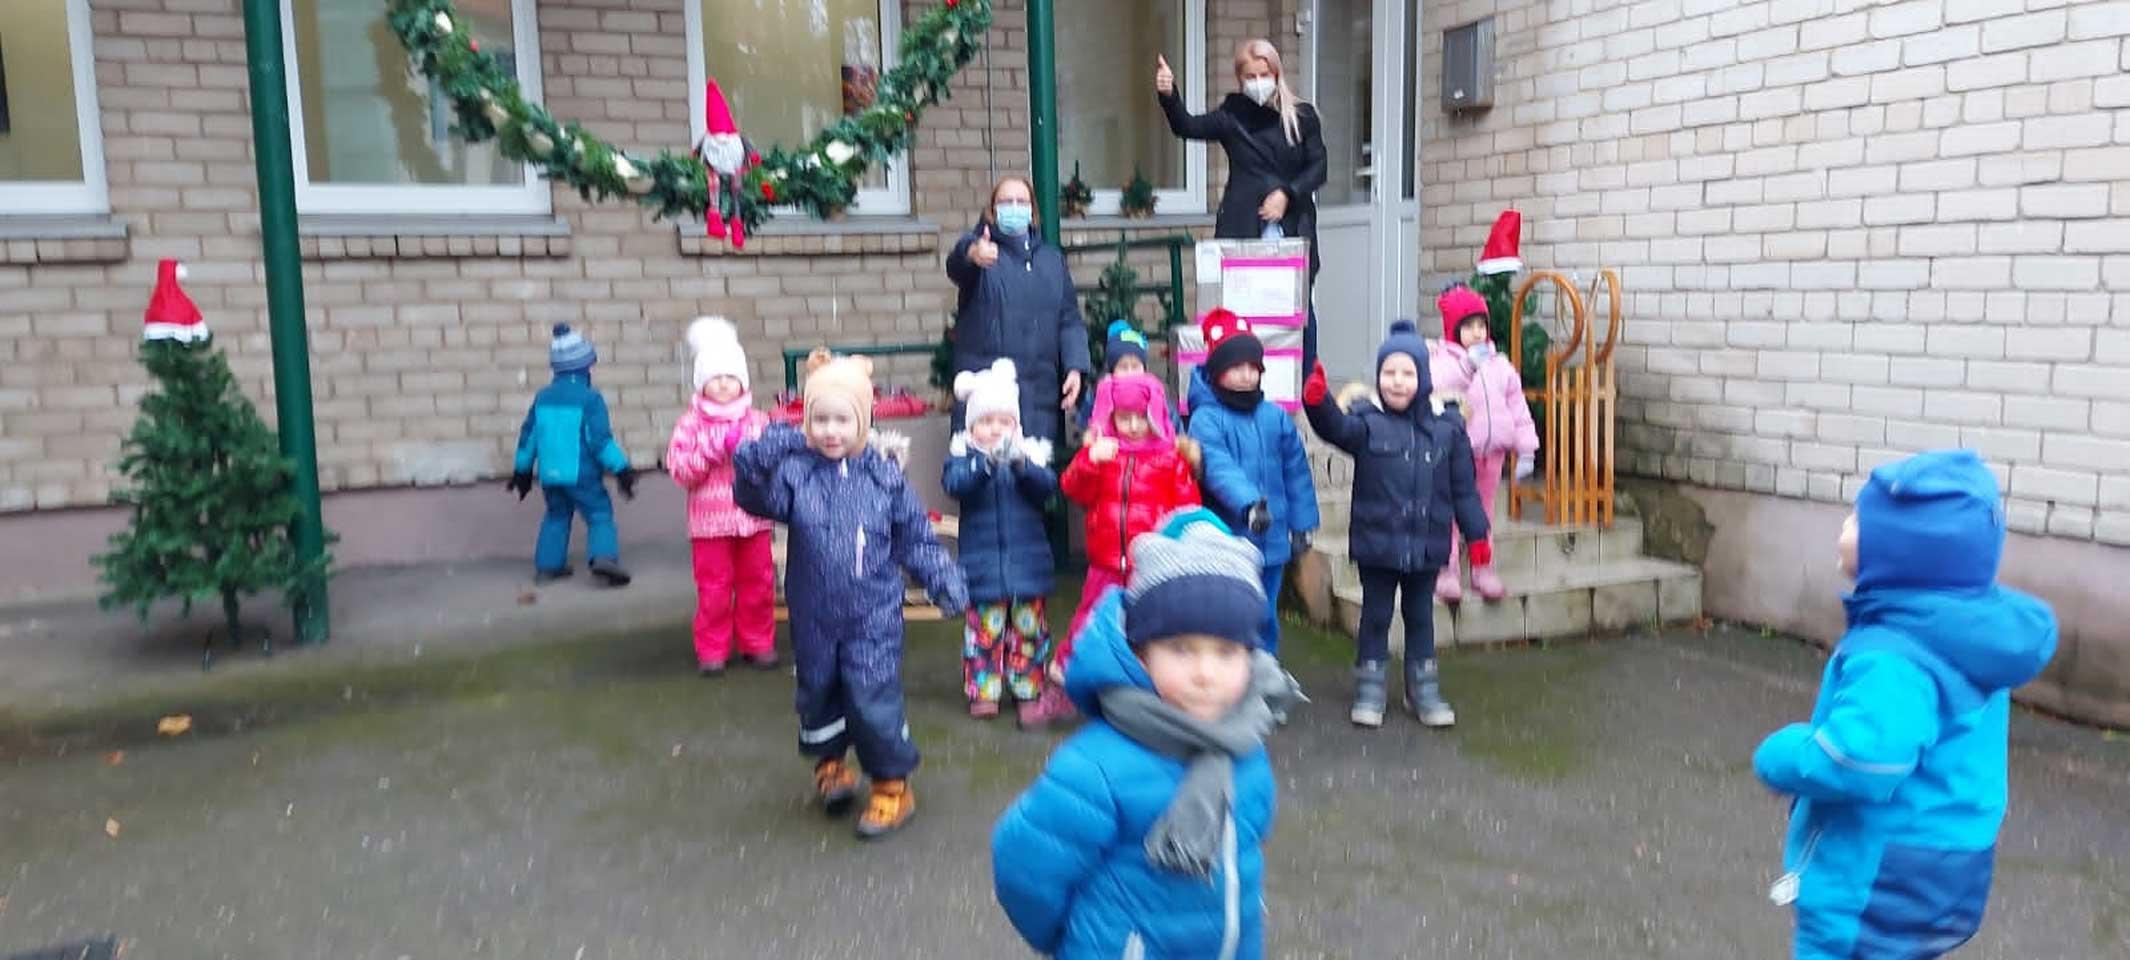 Ankunft der Packerln im Kindergarten Radestele in Klaipeda 2